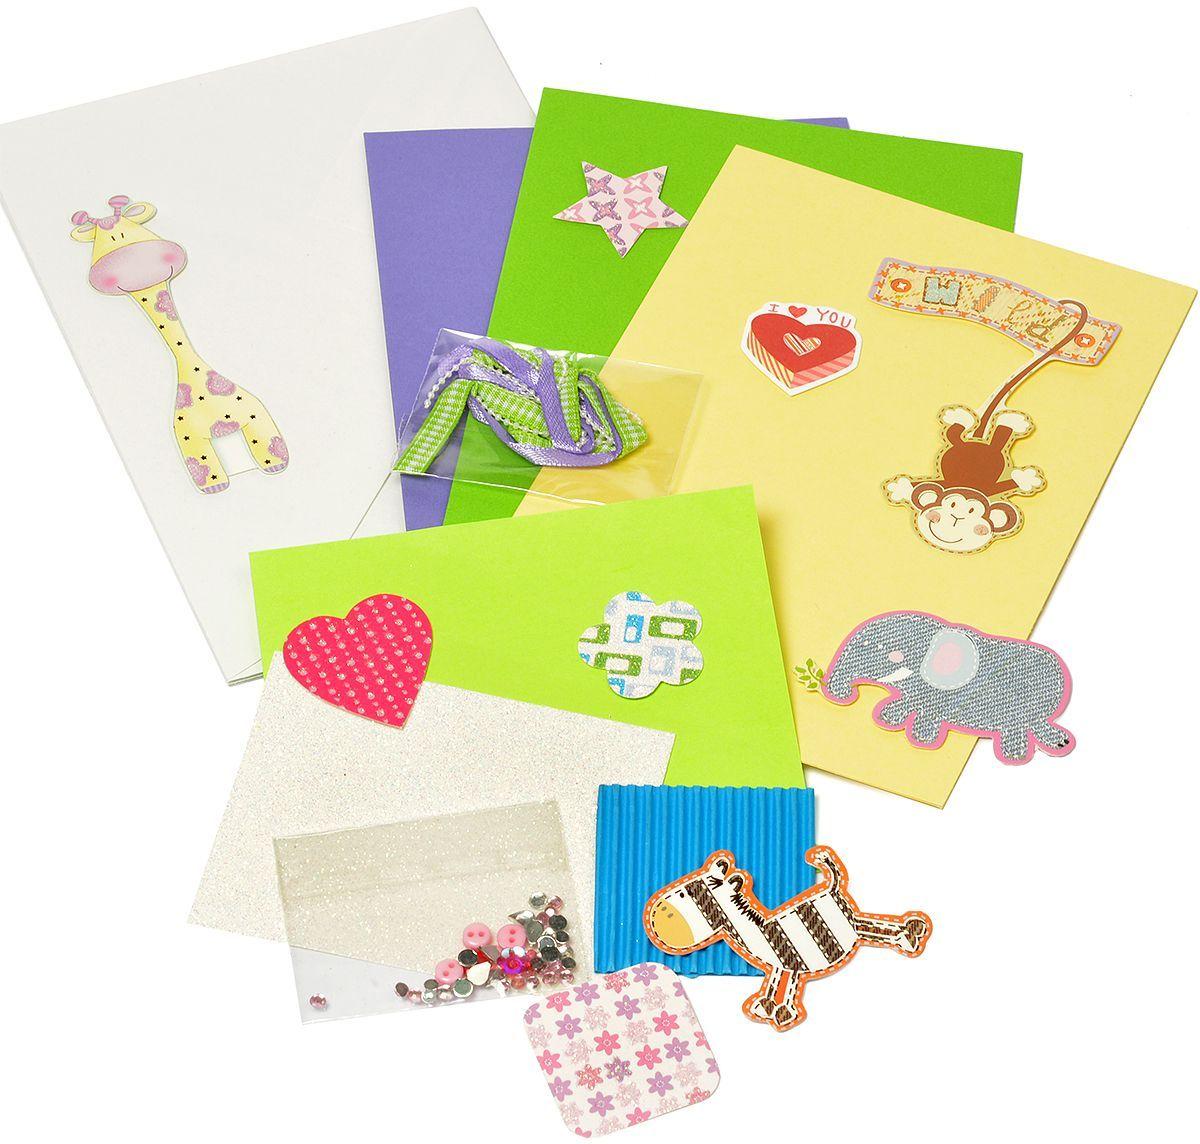 Набор для создания открыток Magic 4 Hobby MG.DIY-3 №7 11,5x17 смMG.DIY-3.07